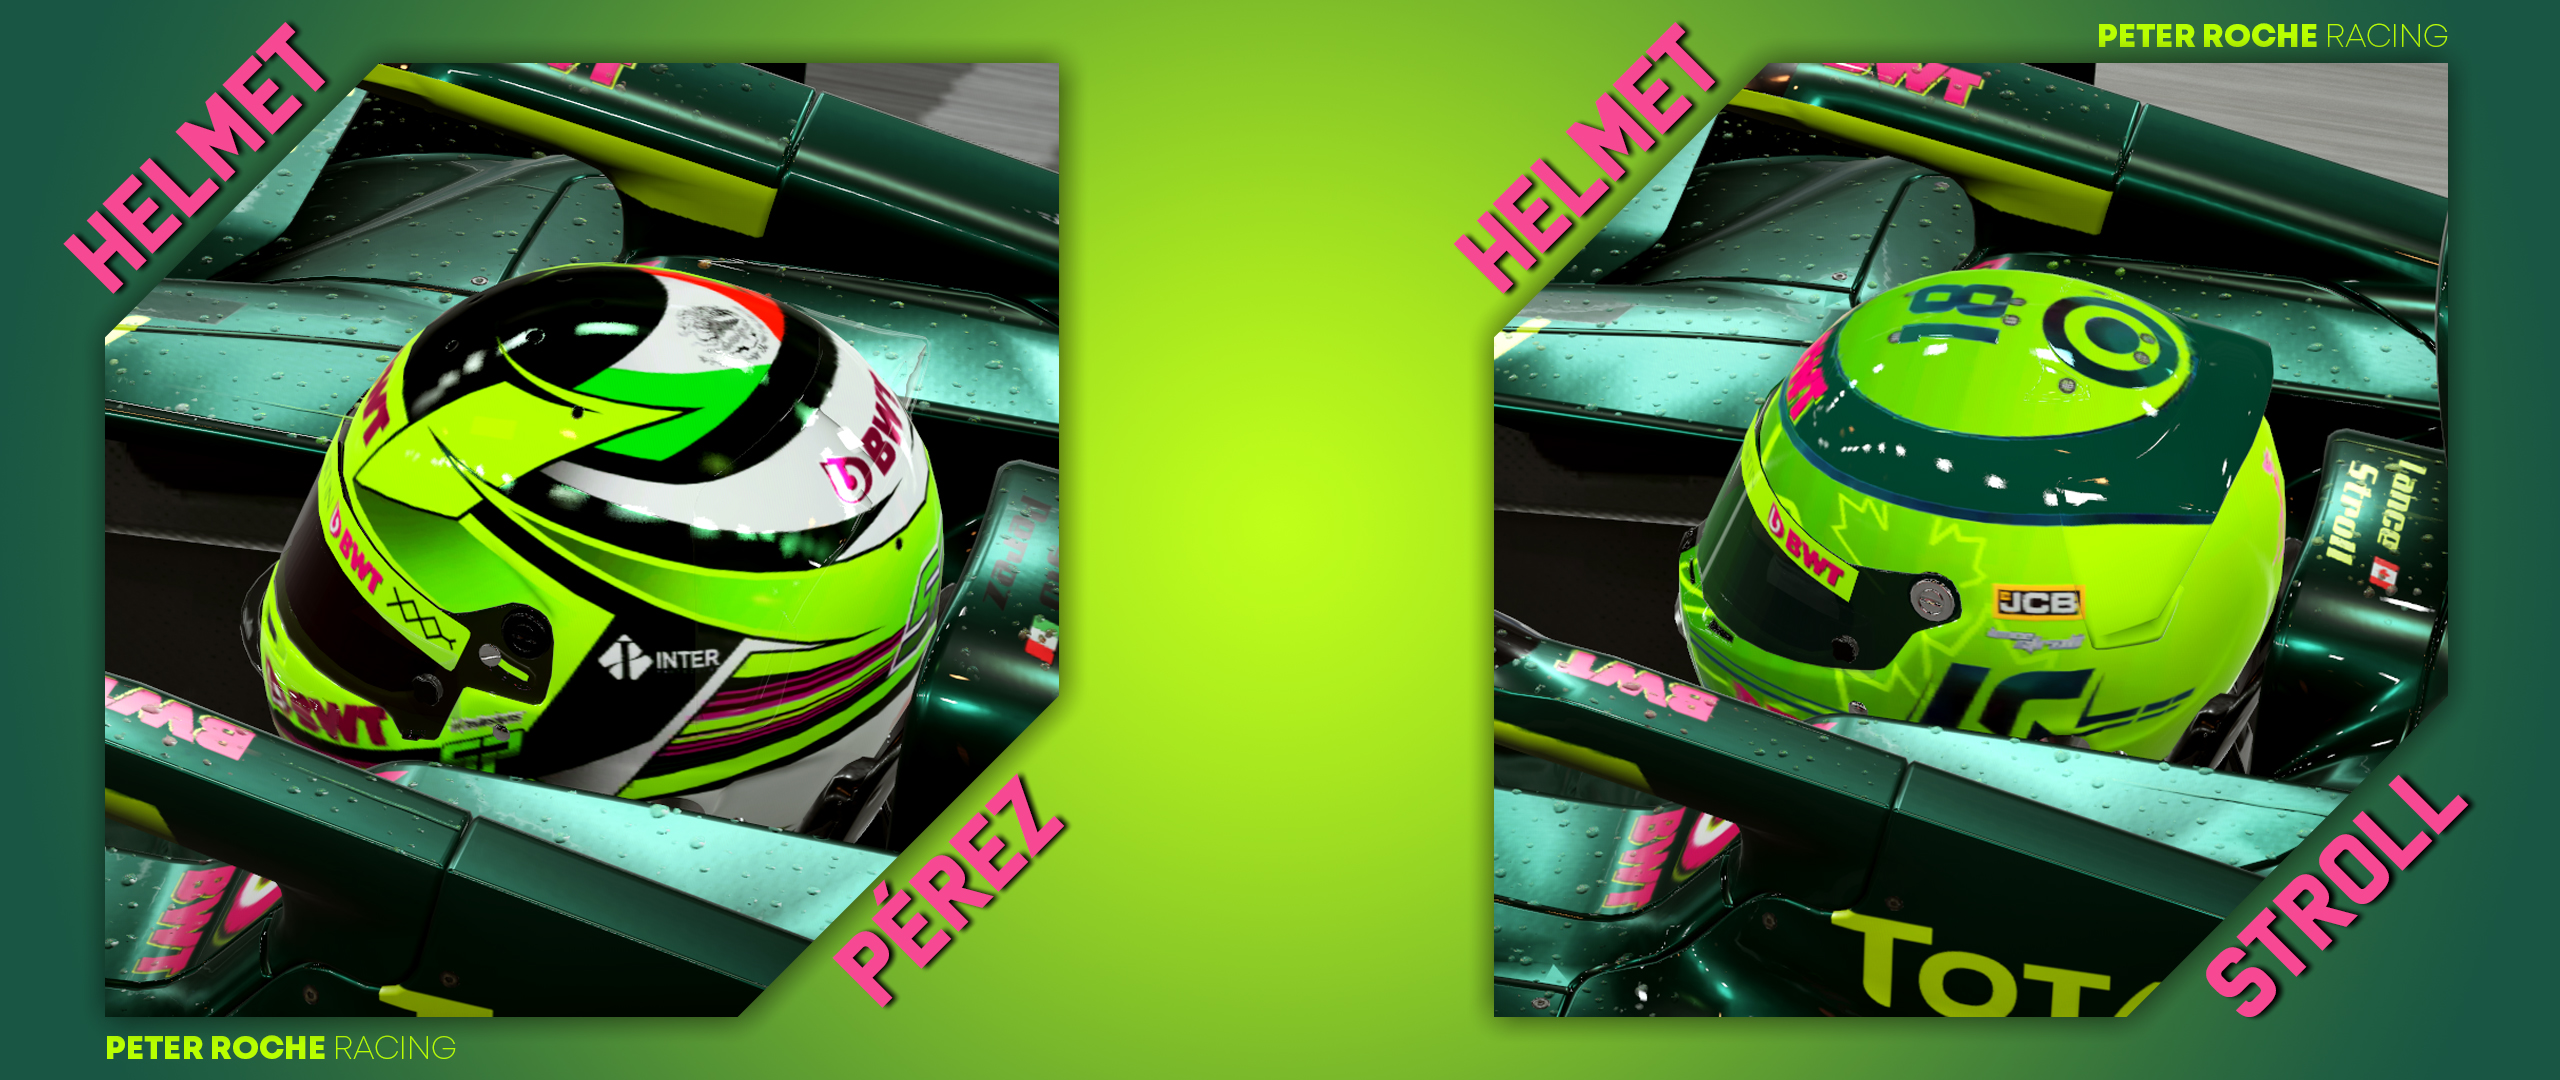 helmets 1.jpg